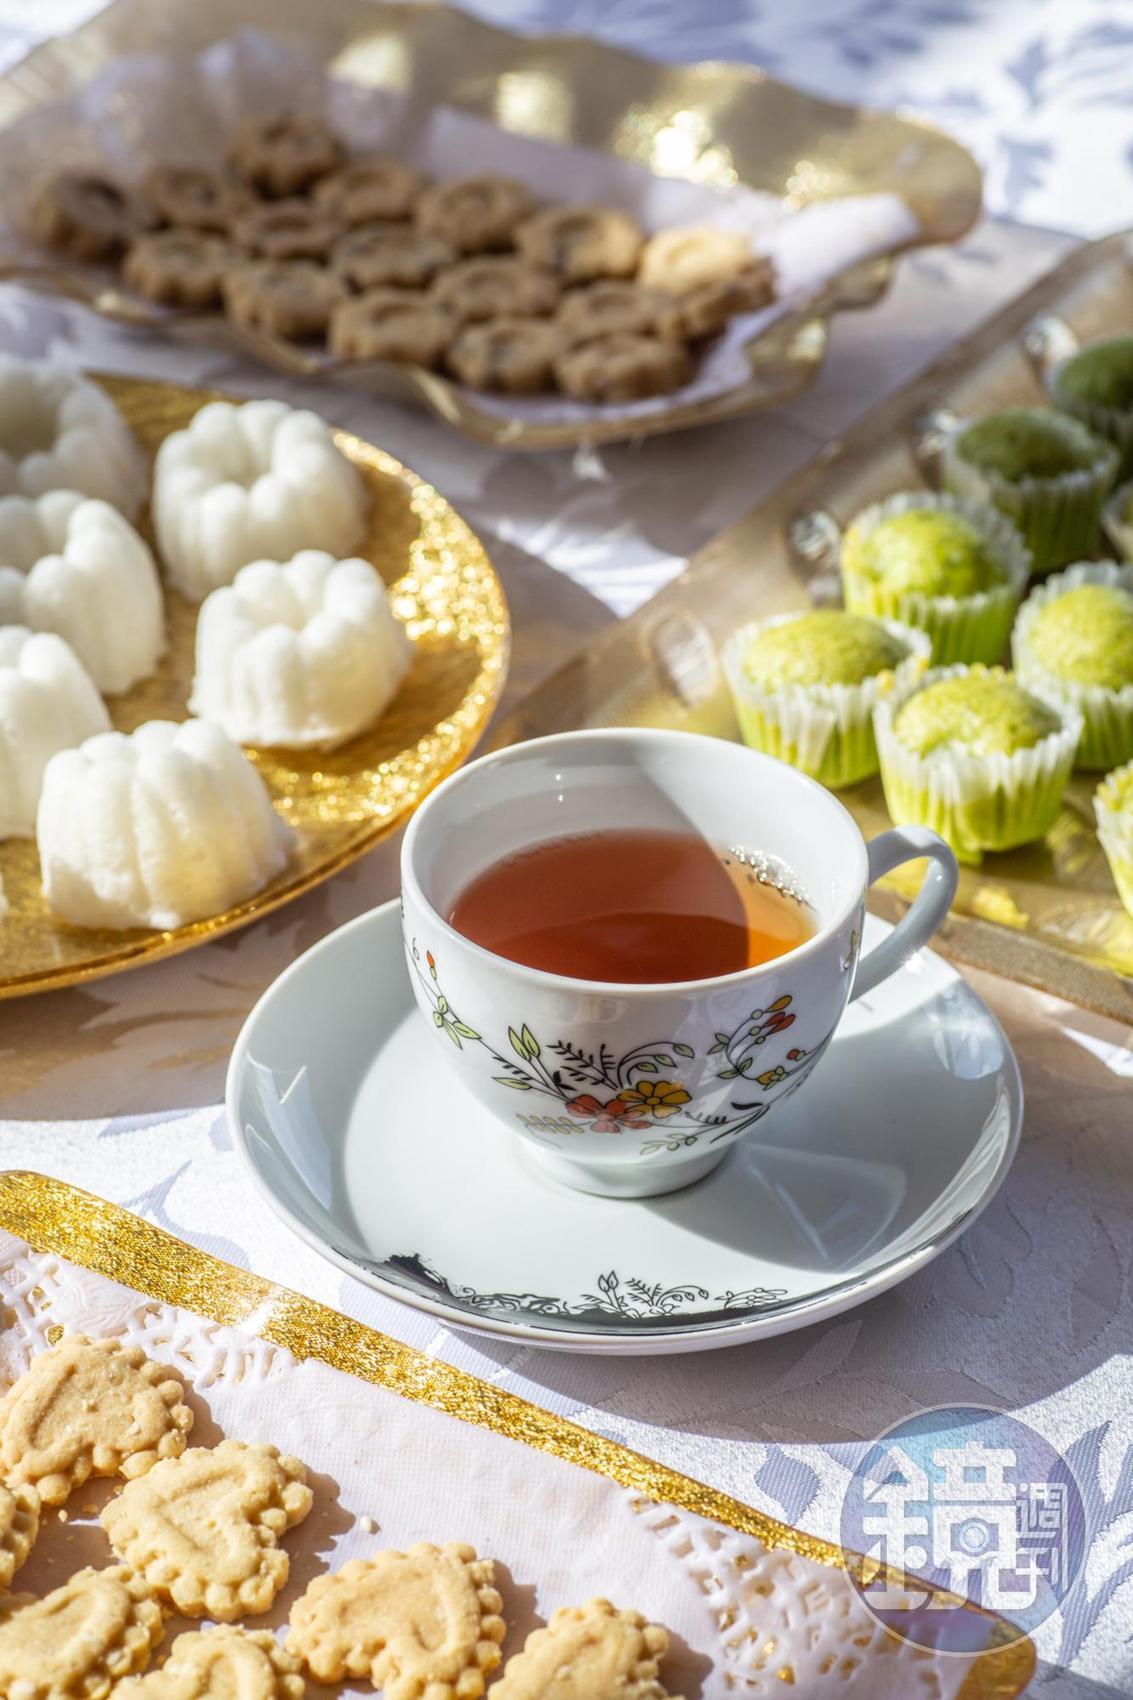 來到水村通常會被帶到當地人開的茶室小憩,品嘗茶點。